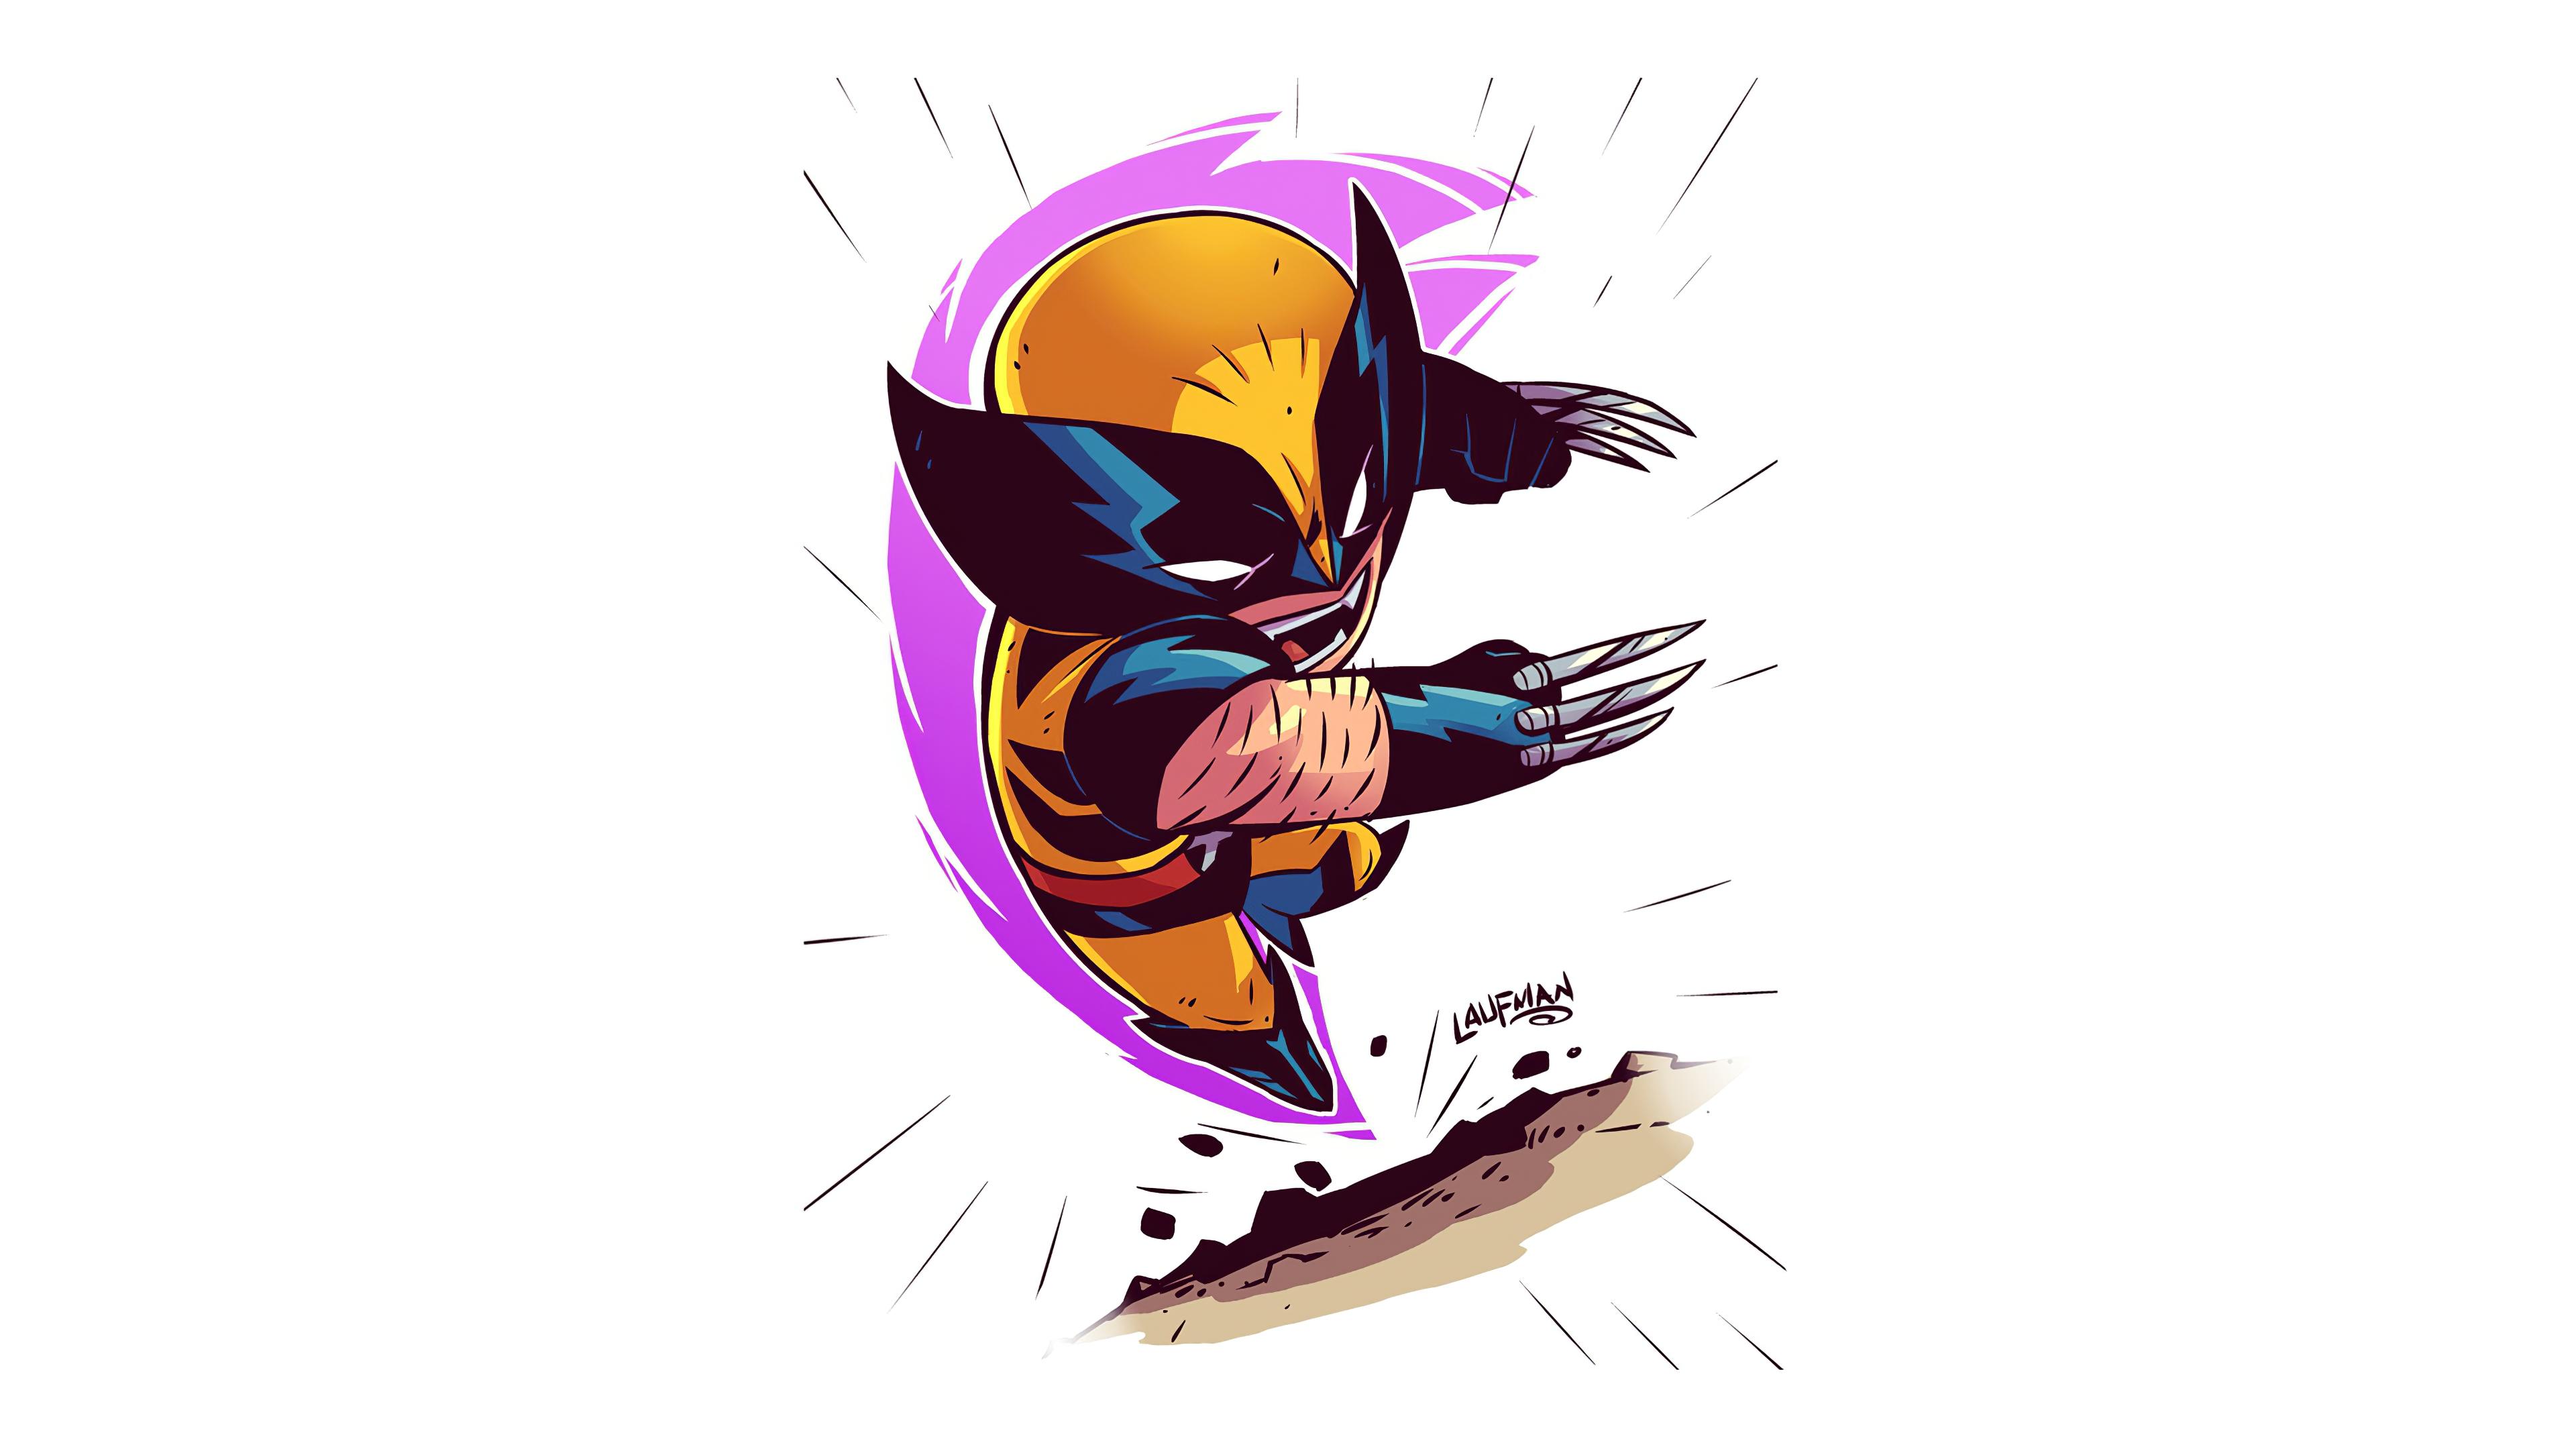 wolverine minimal art 1580588708 - Wolverine Minimal Art - Wolverine Minimal Art wallpapers, Wolverine Minimal Art 4k wallpapers